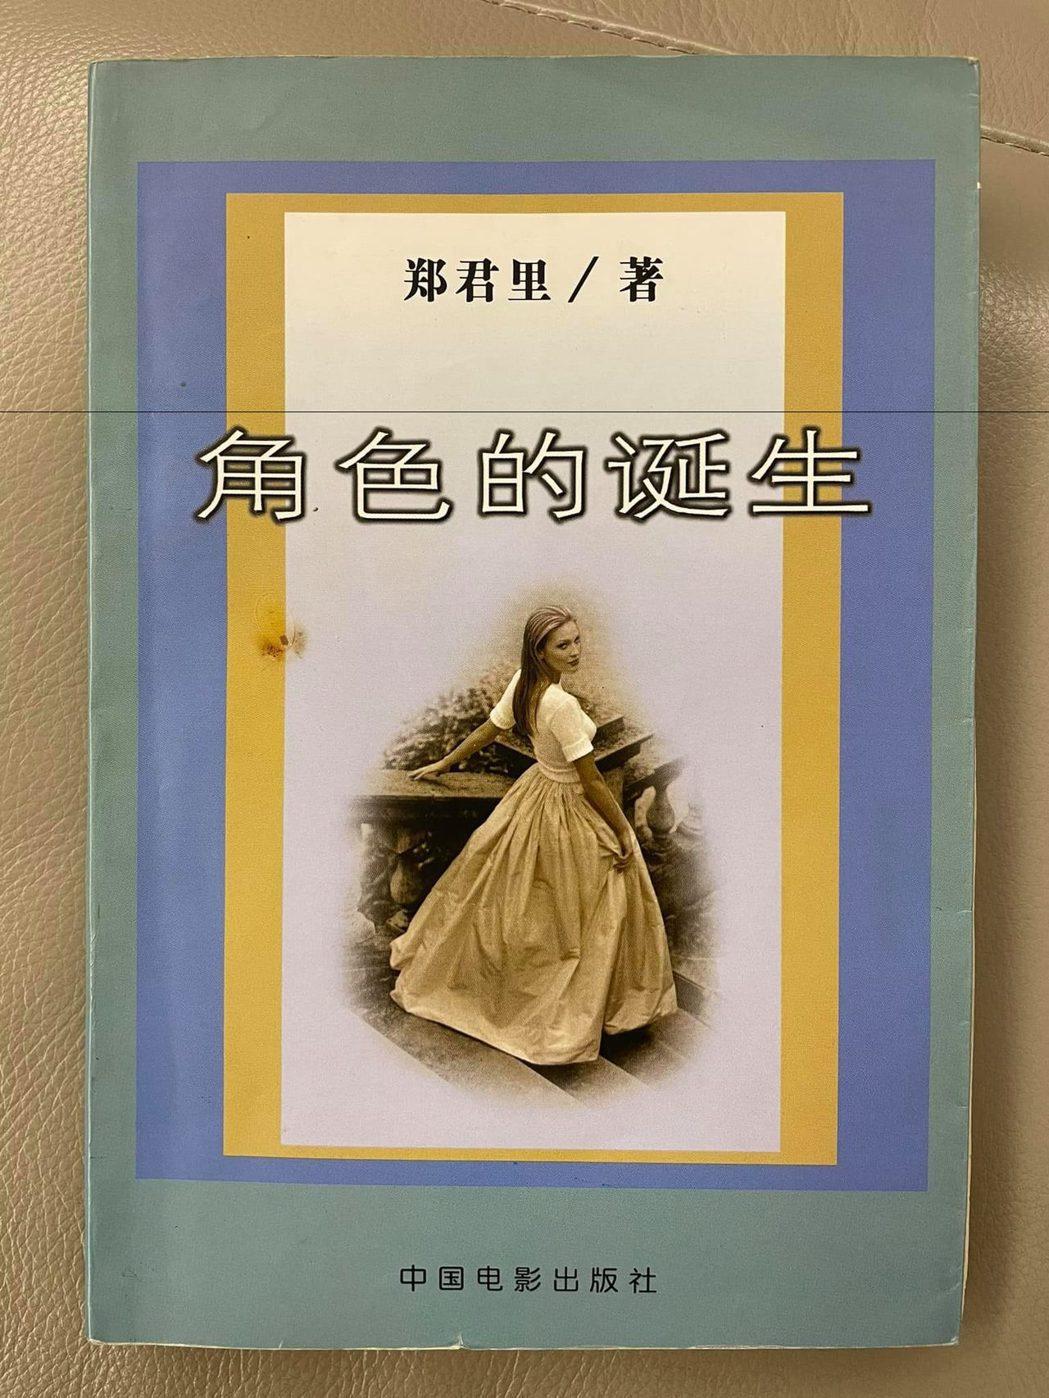 吳孟達送杜德偉的書。圖/摘自臉書